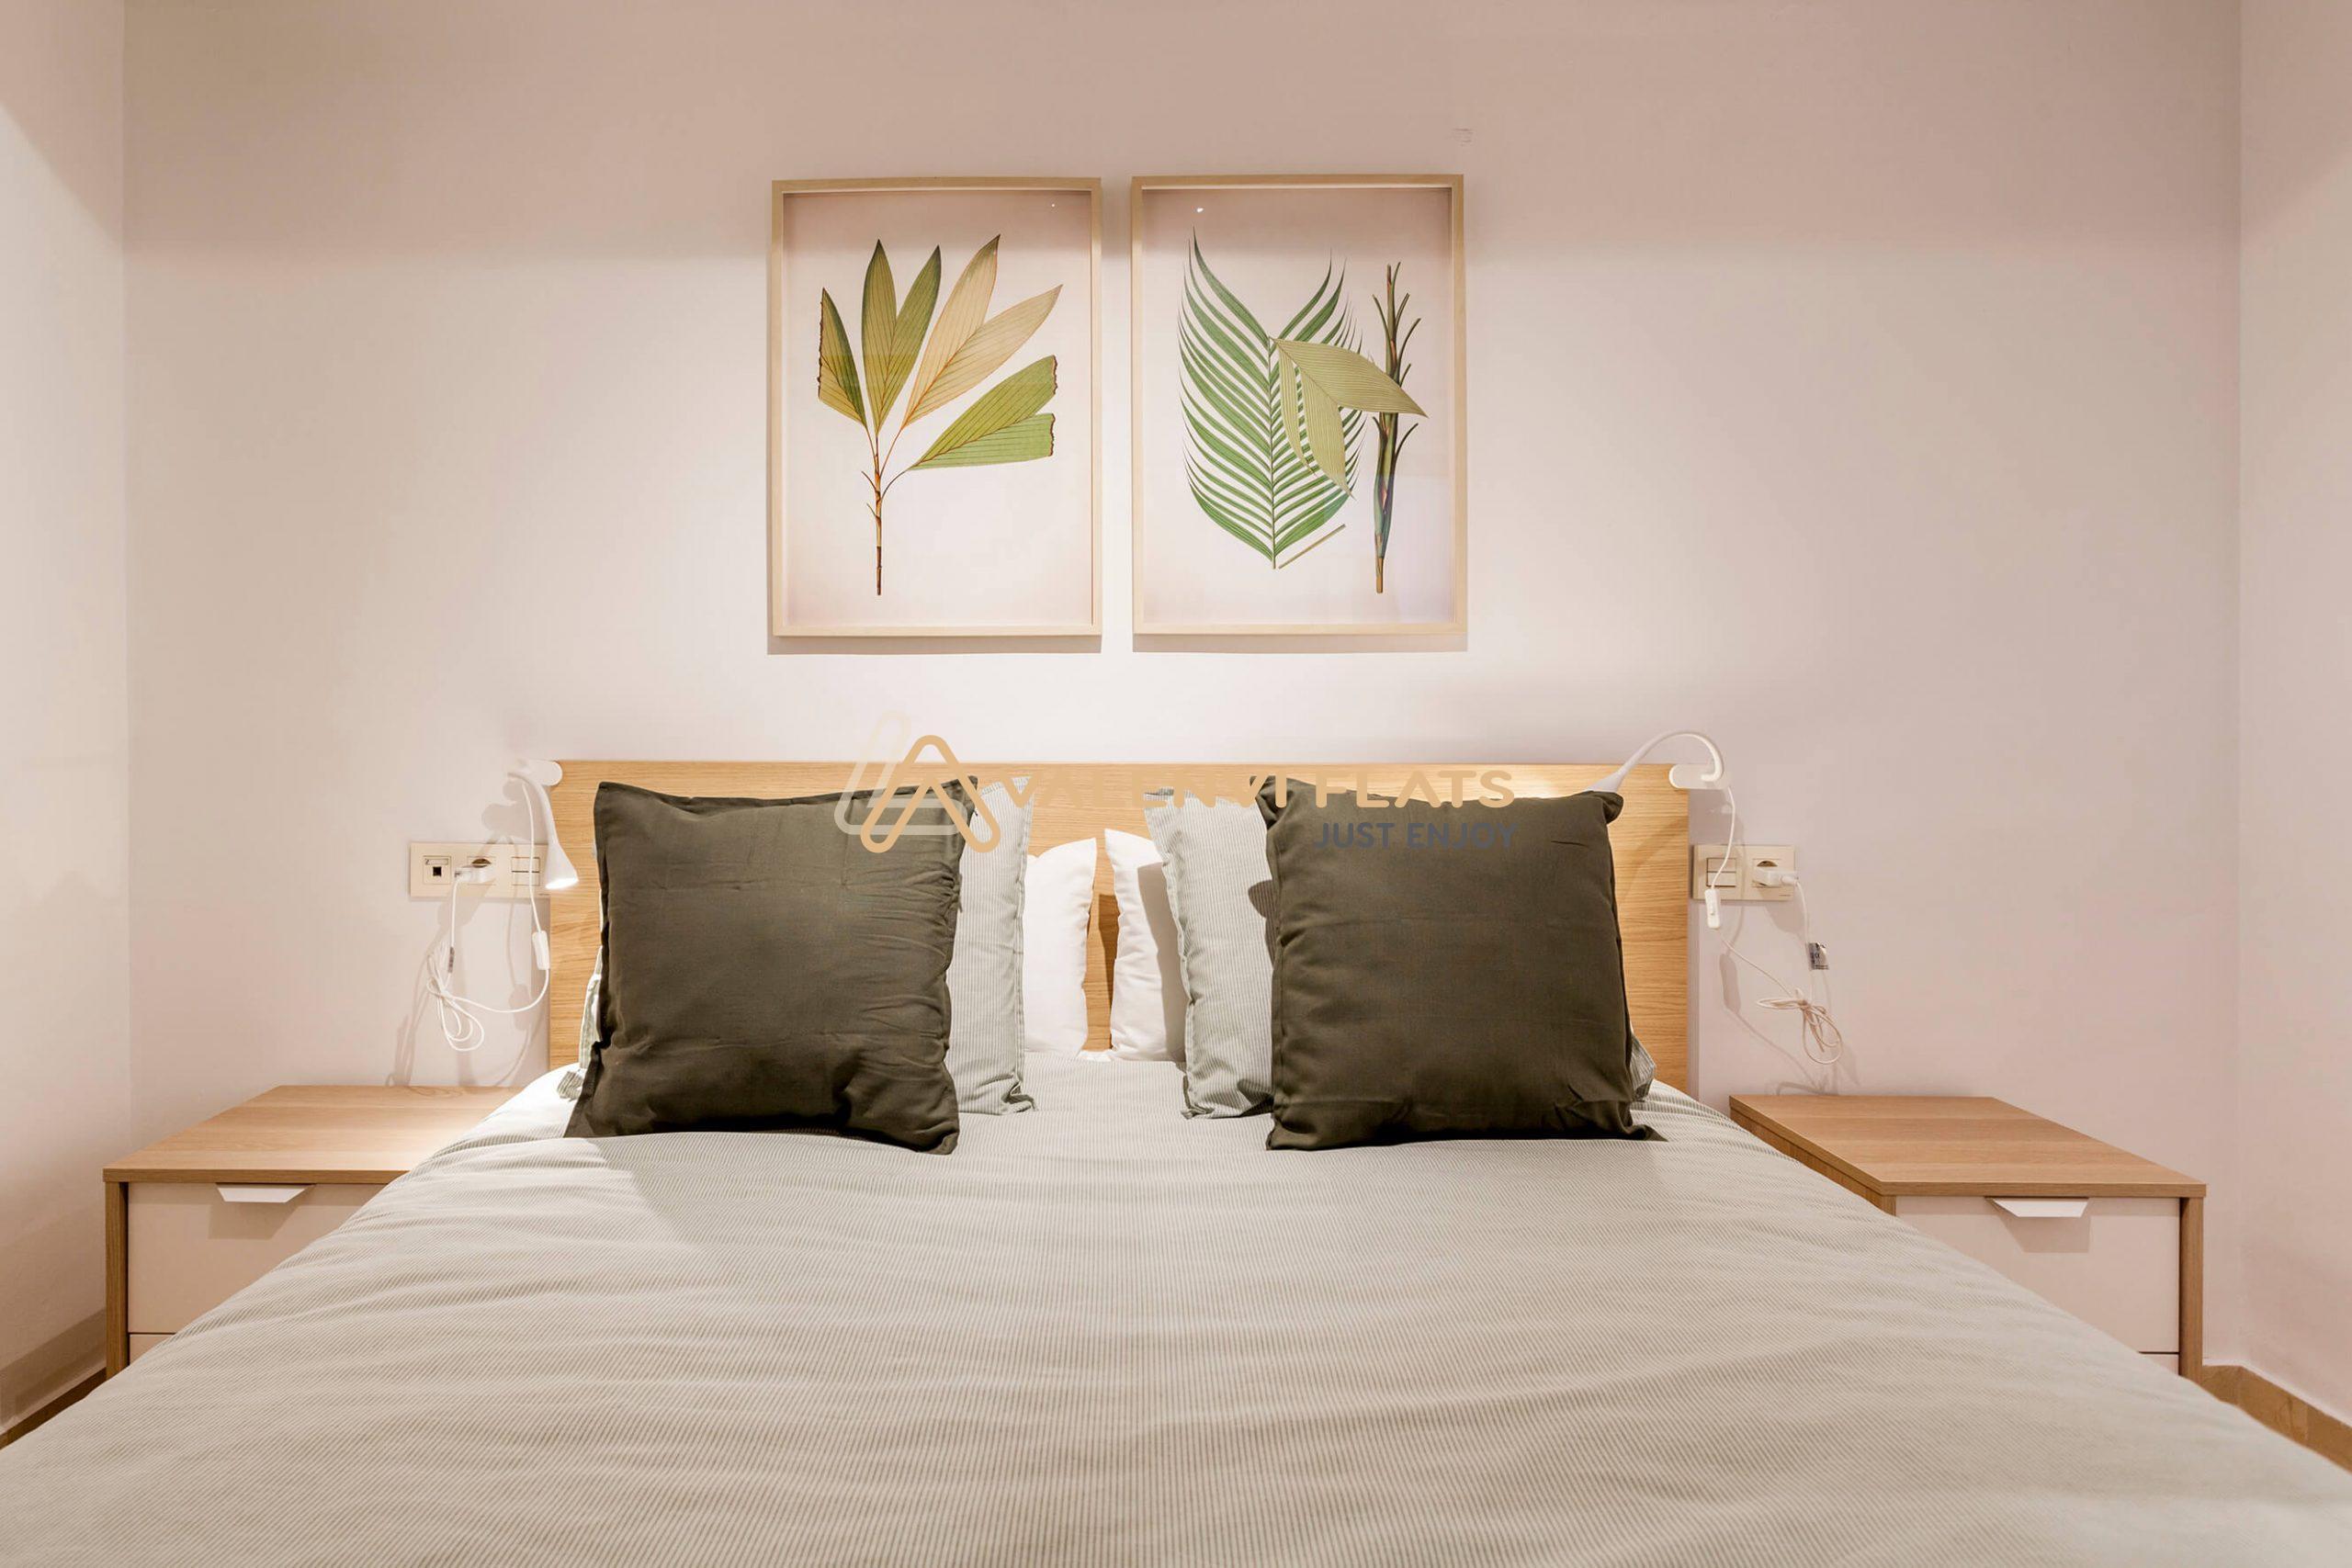 cama con dos cojones verdes y dos cuadros con símbolos naturales